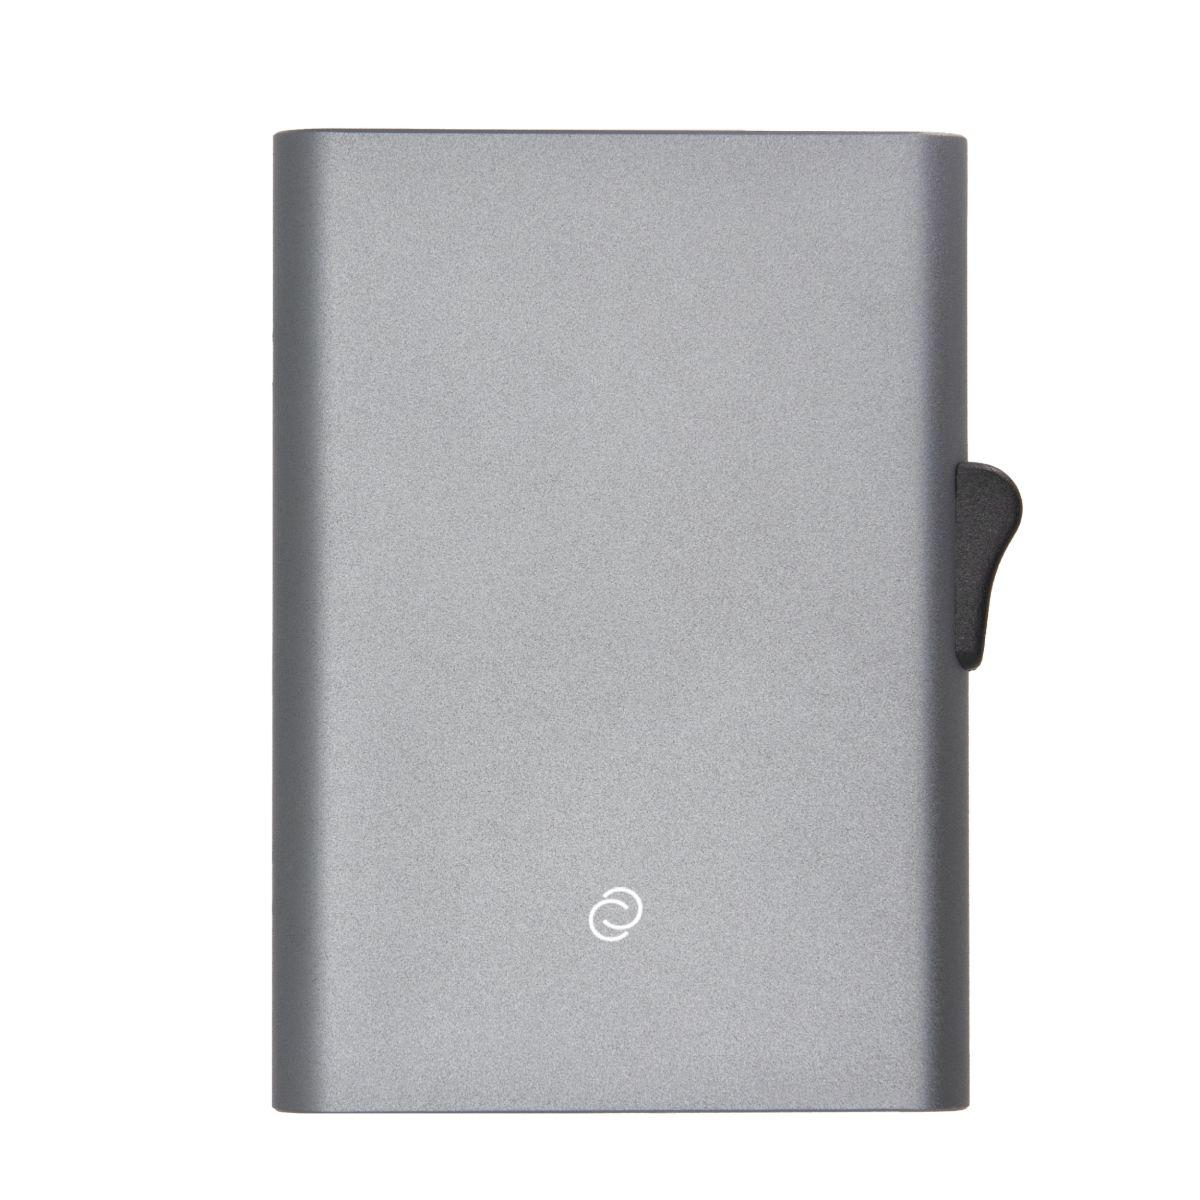 C-Secure ארנק אלומיניום מינימלסטי דגם XL - טיטניום